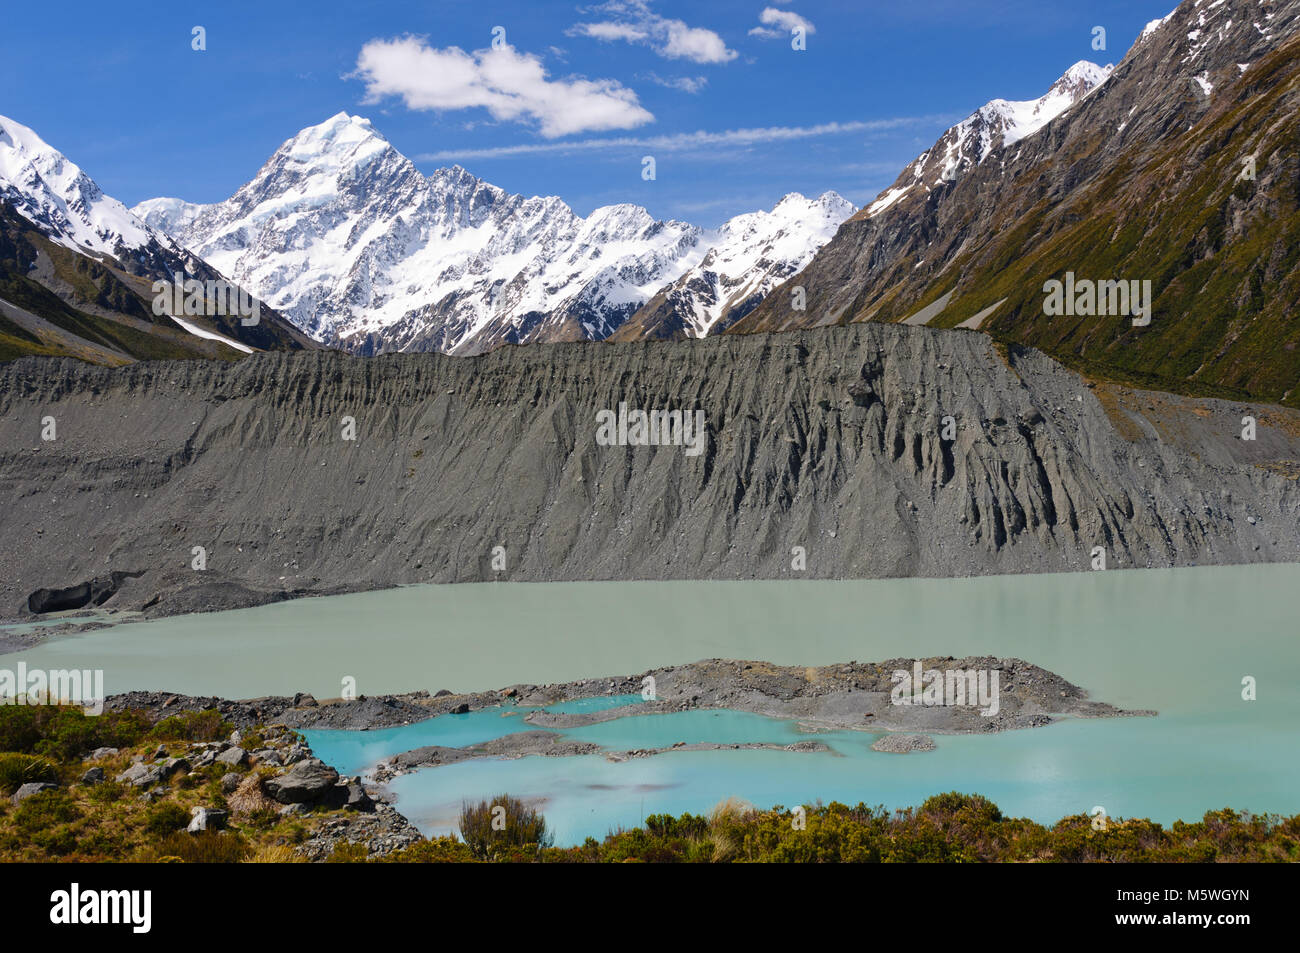 Mueller Lake below Mt Cook in New Zealand - Stock Image